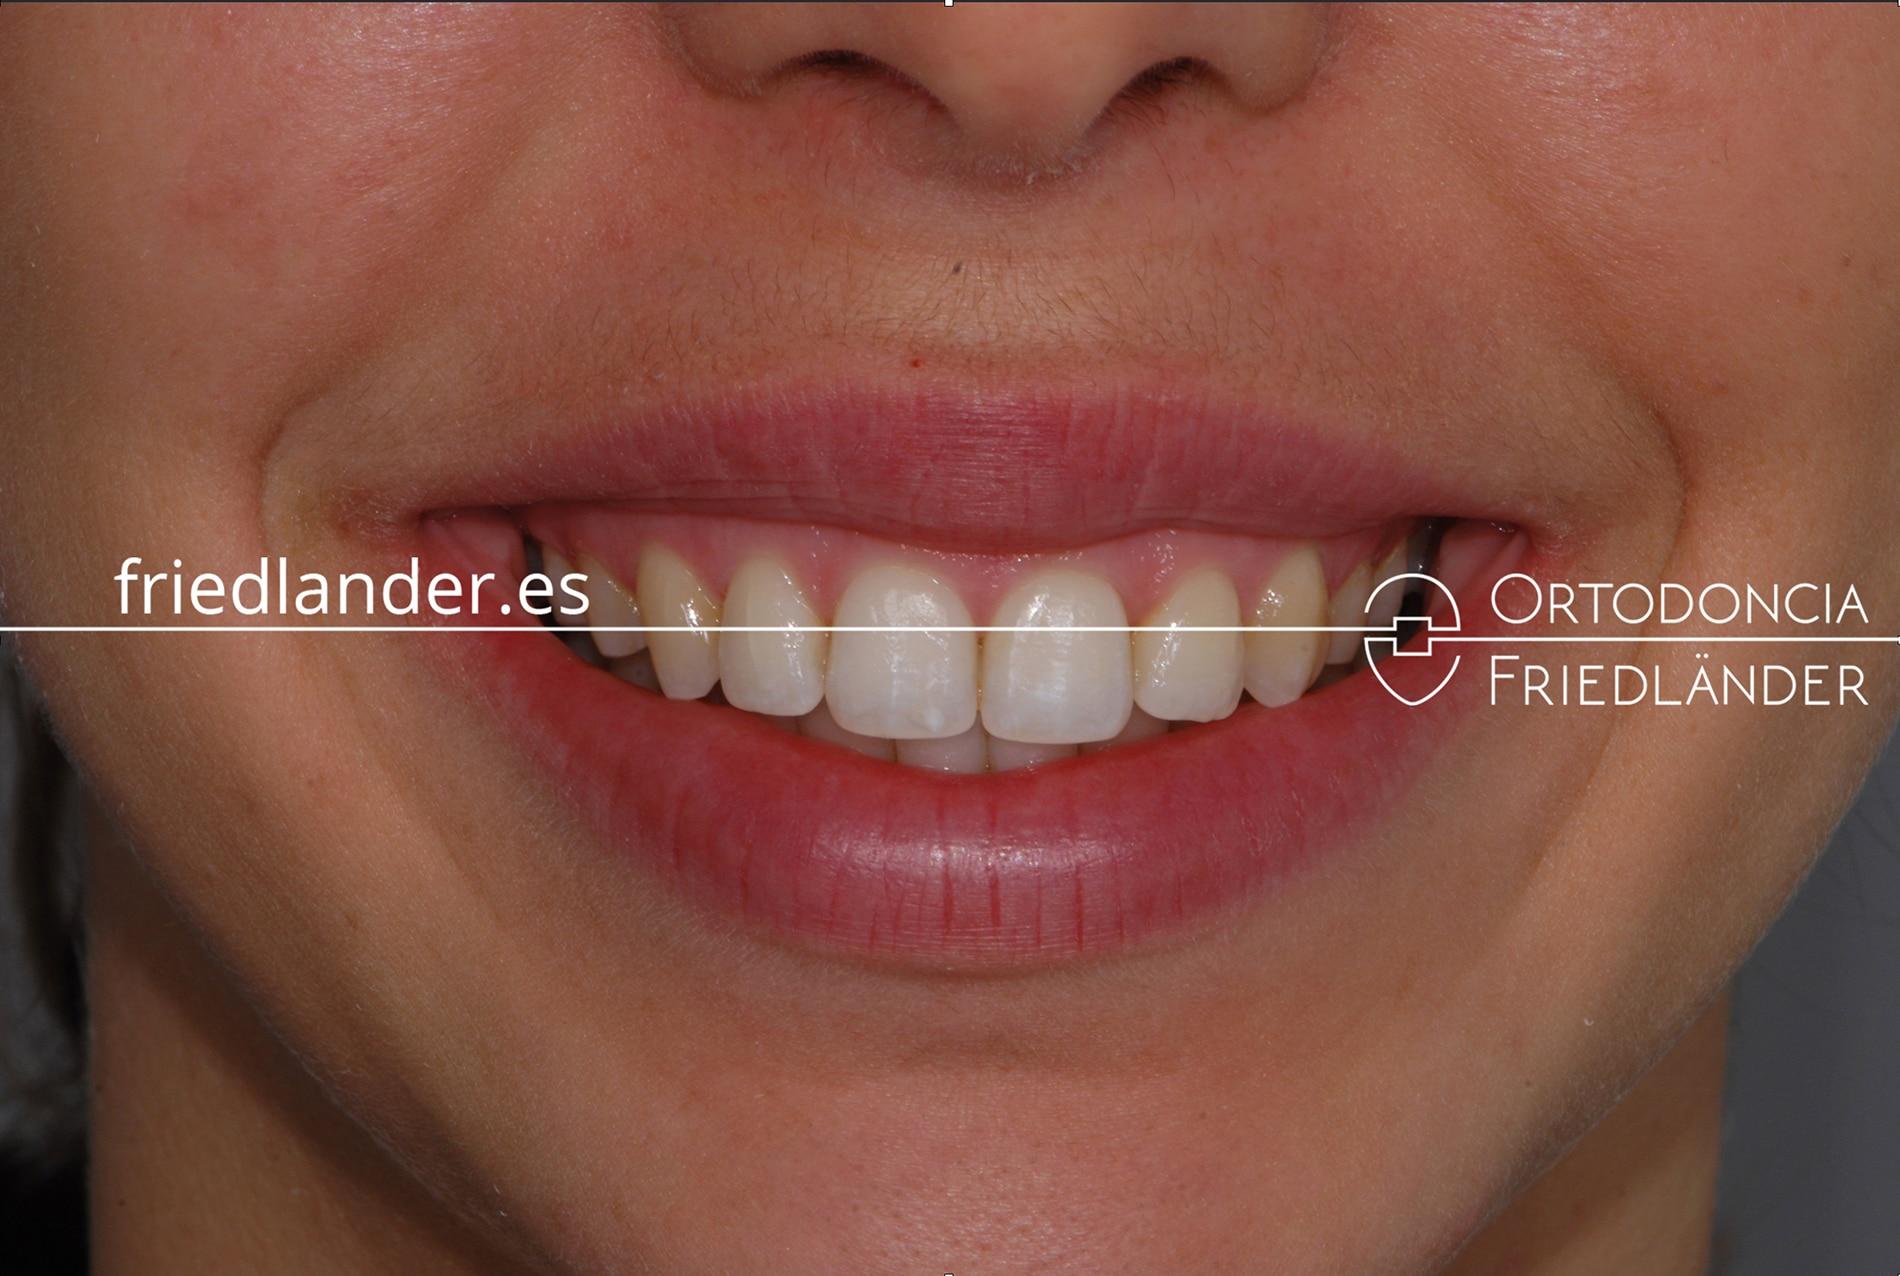 Tratamiento de mordida abierta y sonrisa gingival posterior con microtornillos y brackets estéticos - caso 47 1